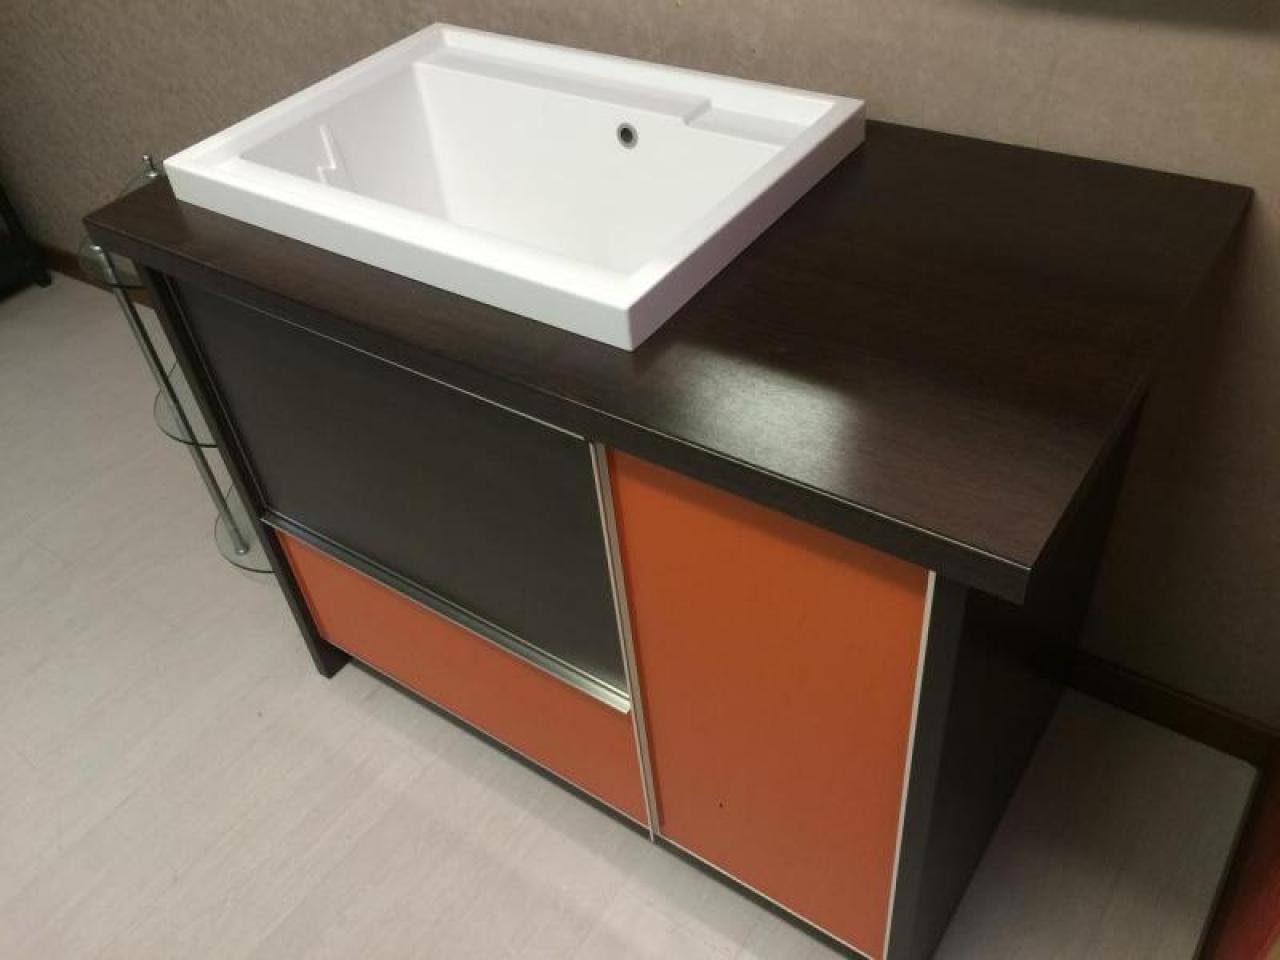 Mobile lavanderia montegrappa prezzo occasione a vicenza - Montegrappa mobili bagno ...